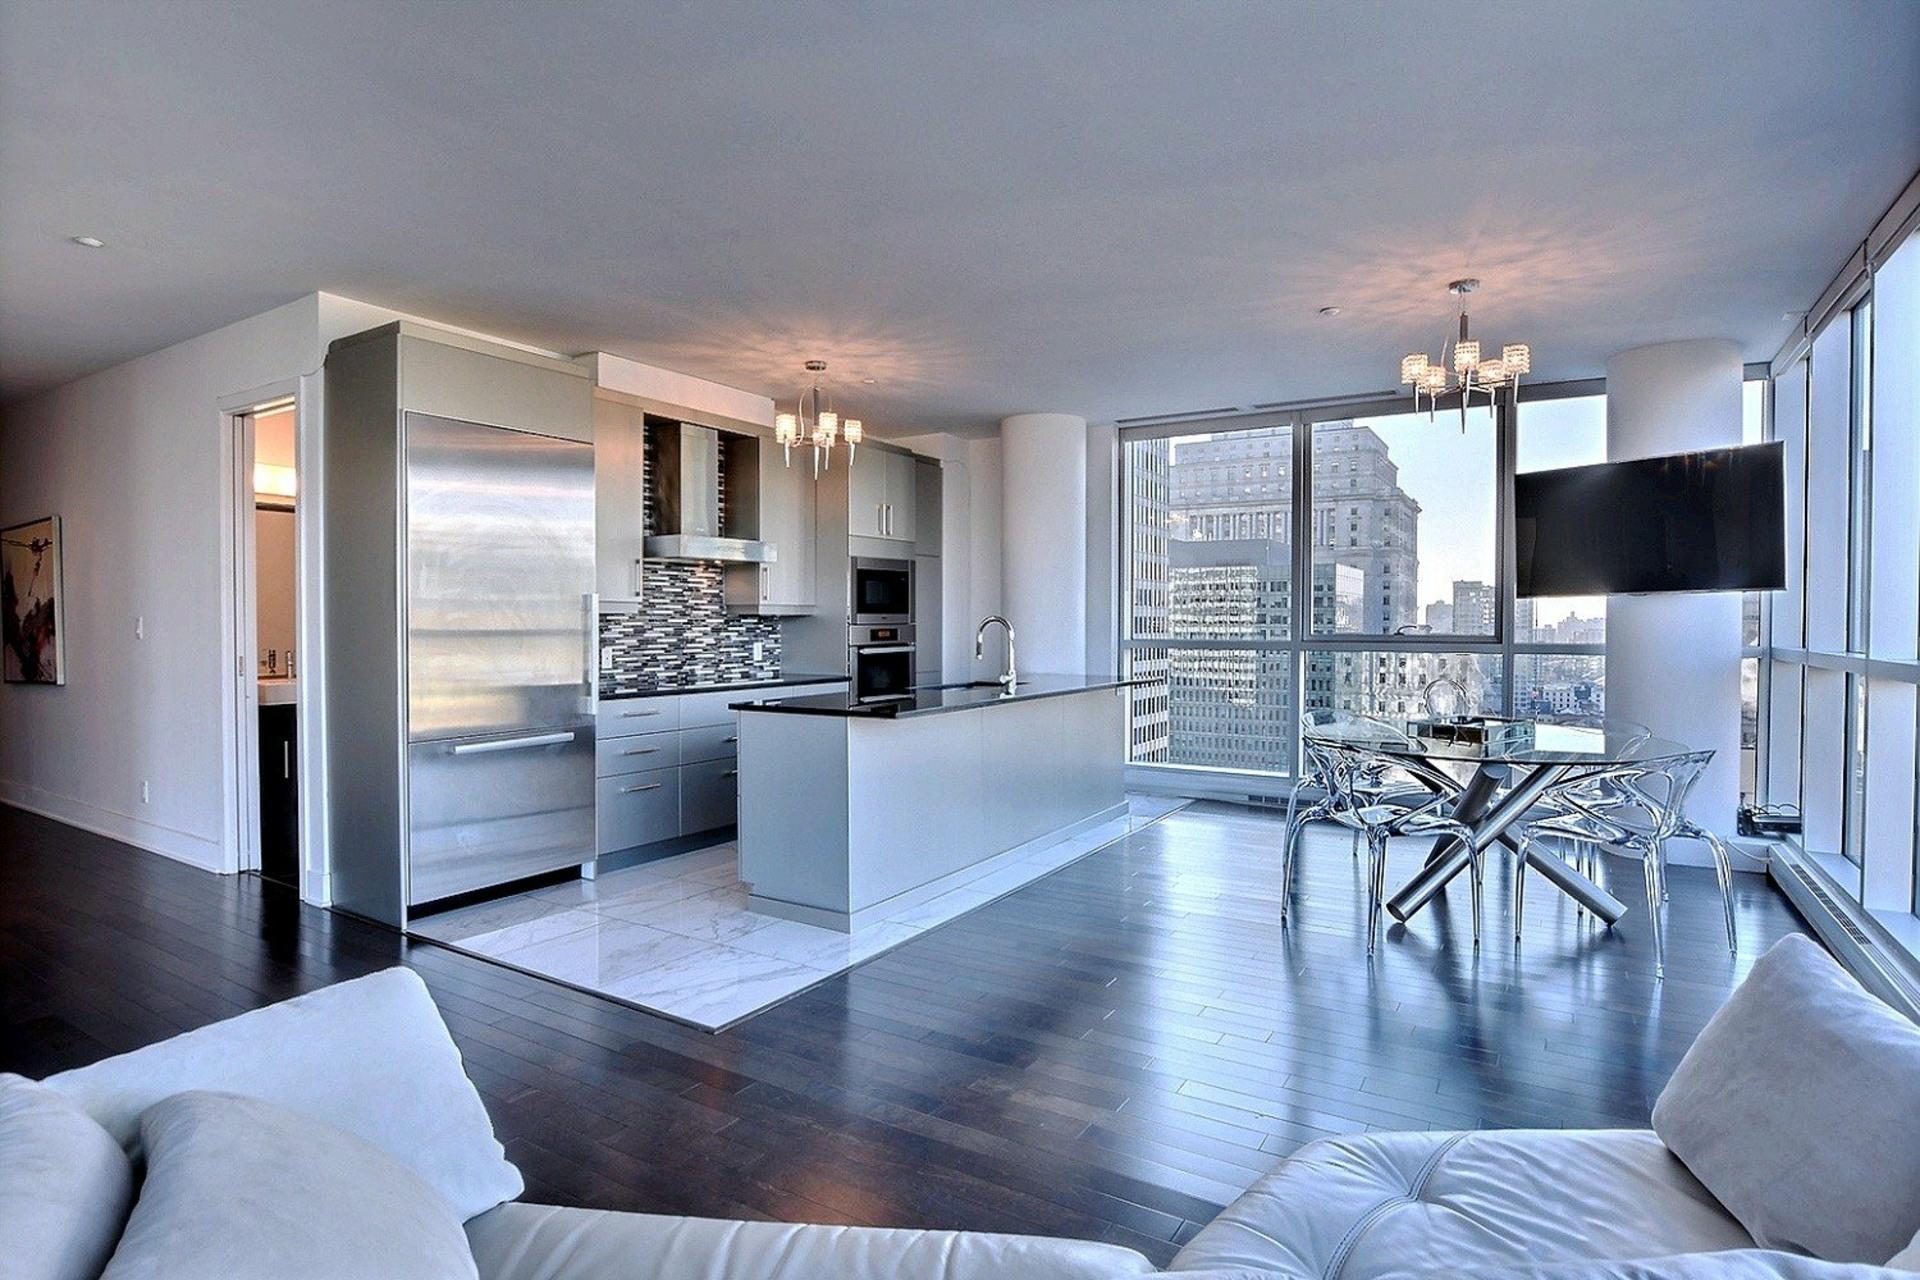 image 4 - Apartment For sale Montréal Ville-Marie  - 5 rooms